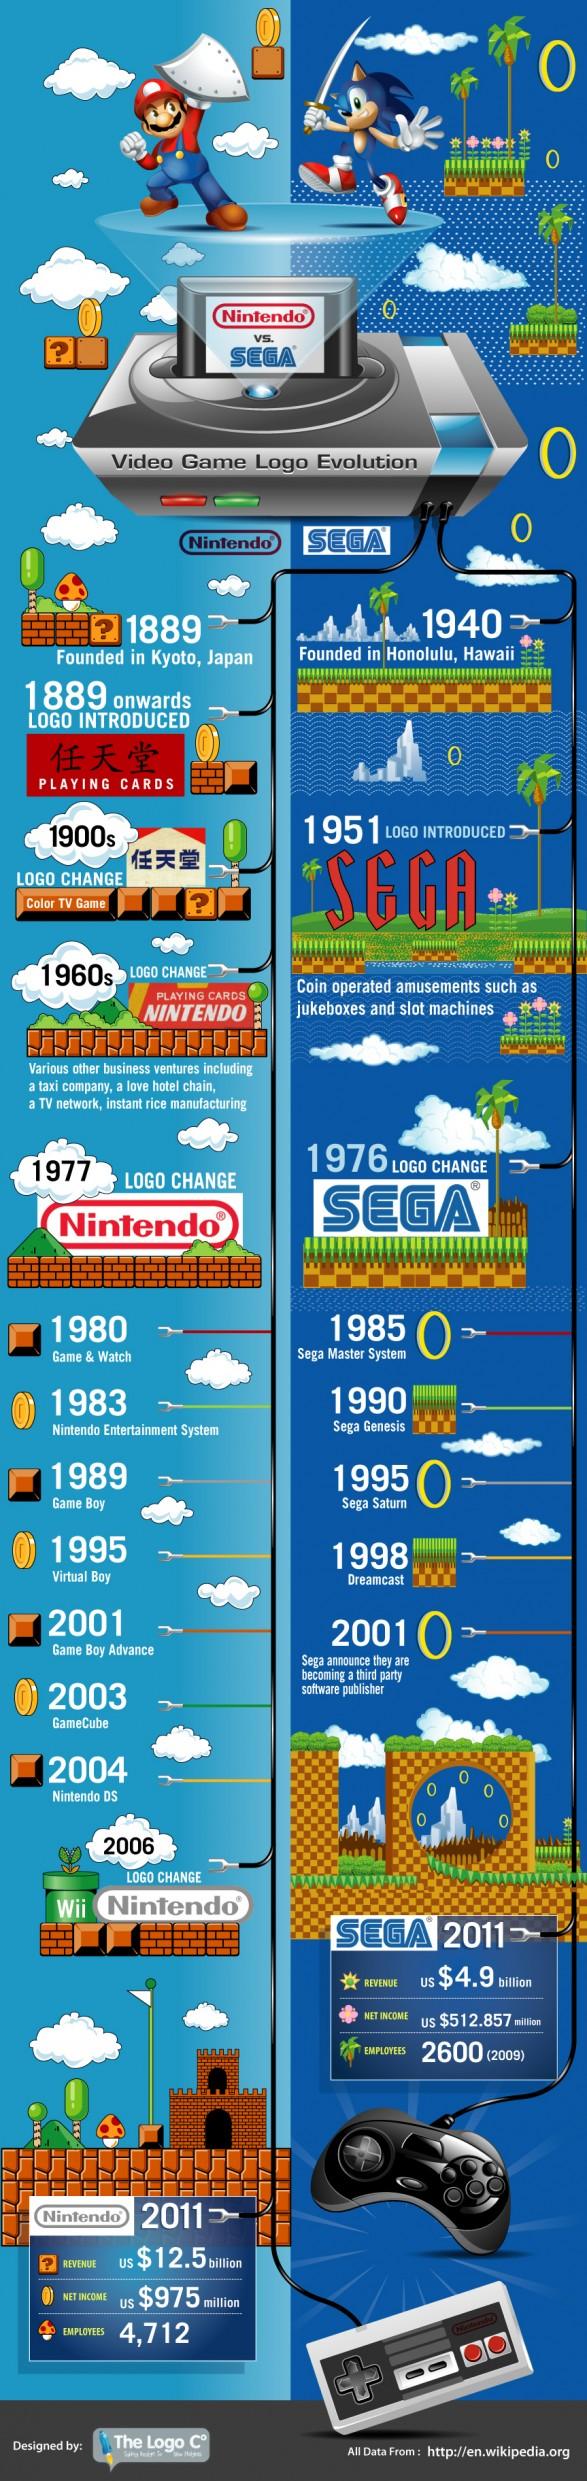 Nintendo vs Sega: Video Game Logo Evolution